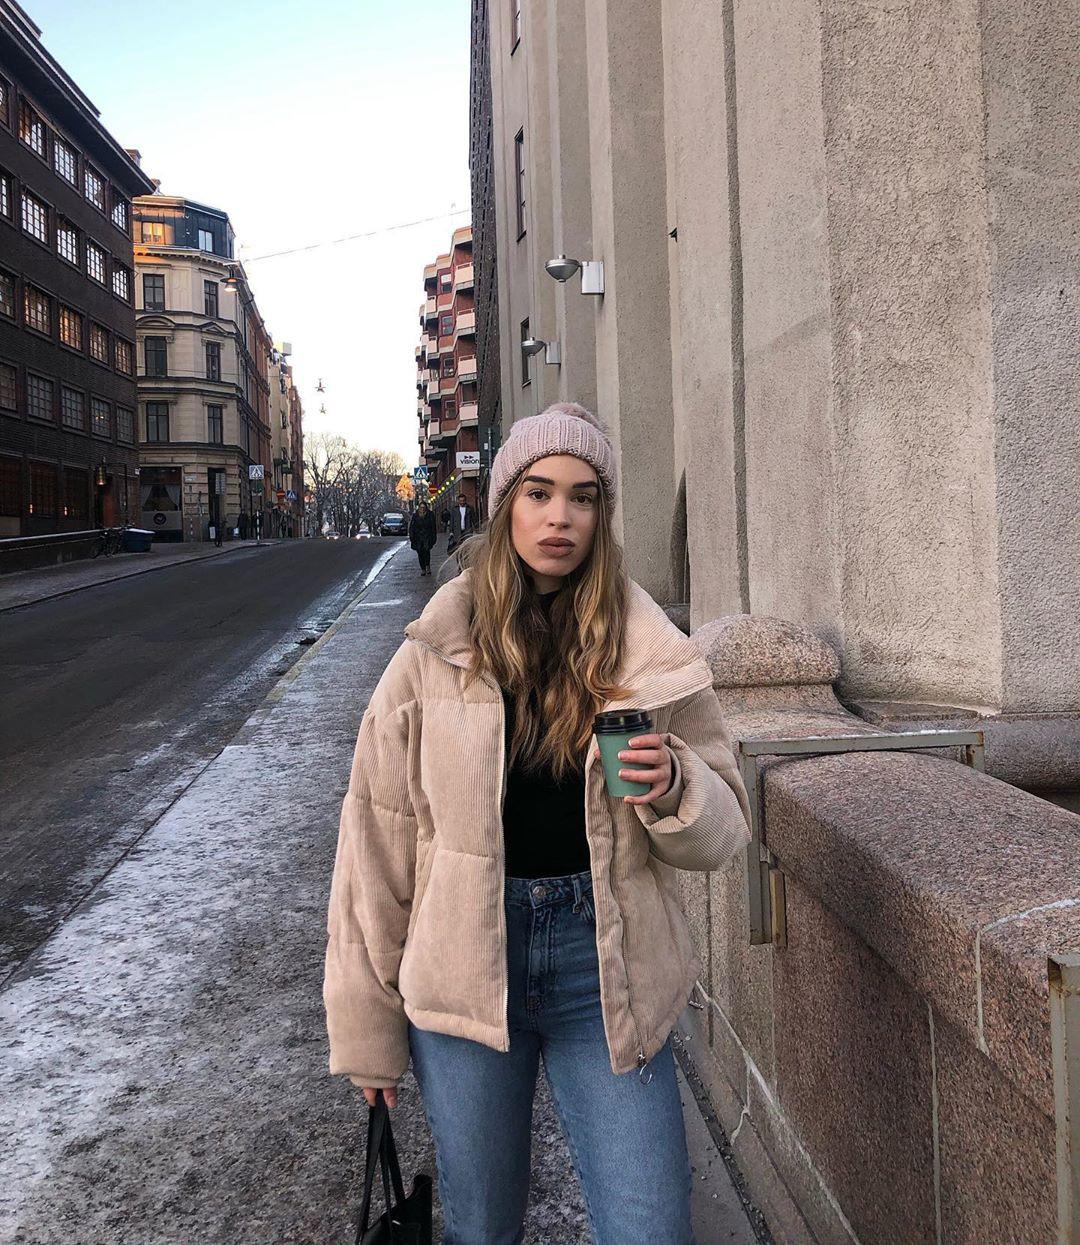 Isabelle Tounsi beanie, jeans, coat colour ideas